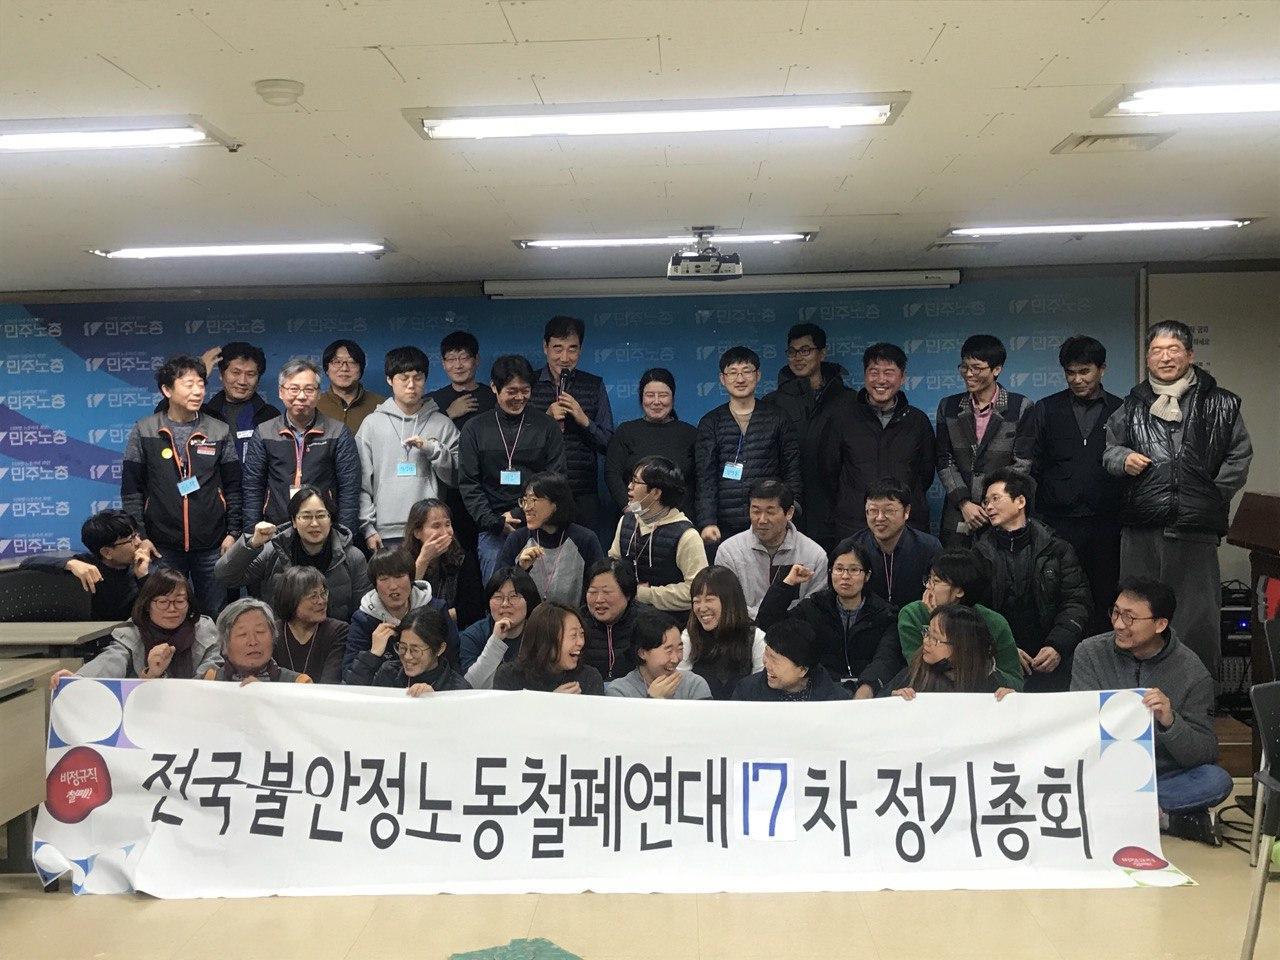 표 2020.2.7. 철폐연대 제27차 정기총회.jpg